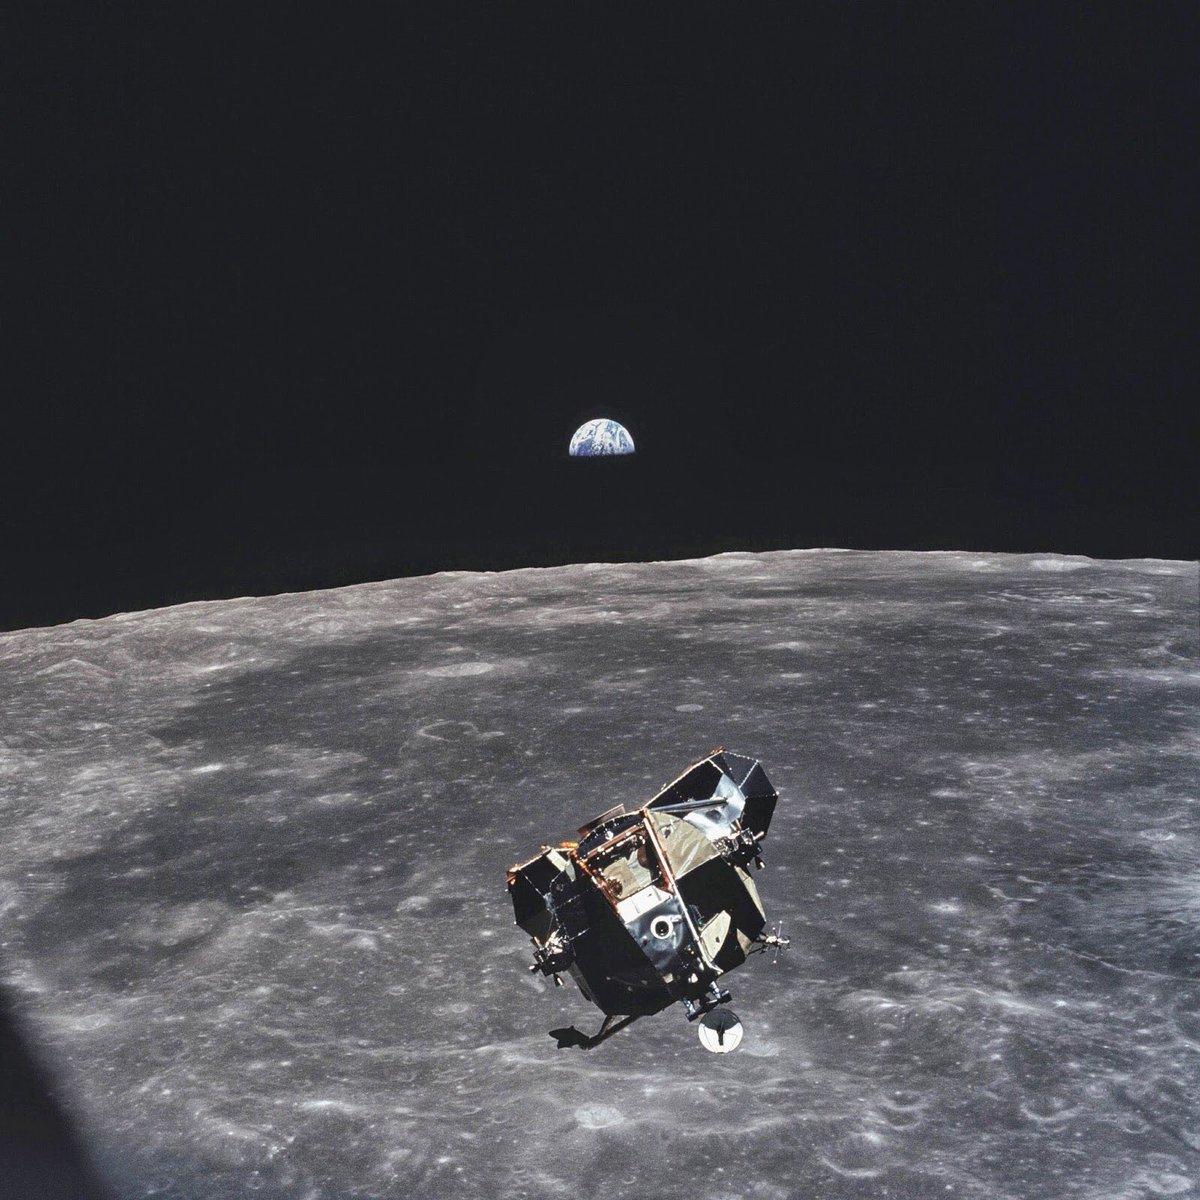 Como la materia no puede crearse ni destruirse, todo ser humano—vivo o muerto—está en esta foto. Excepto Michael Collins, quien la tomó el 20 de julio de 1969. #Apollo50th